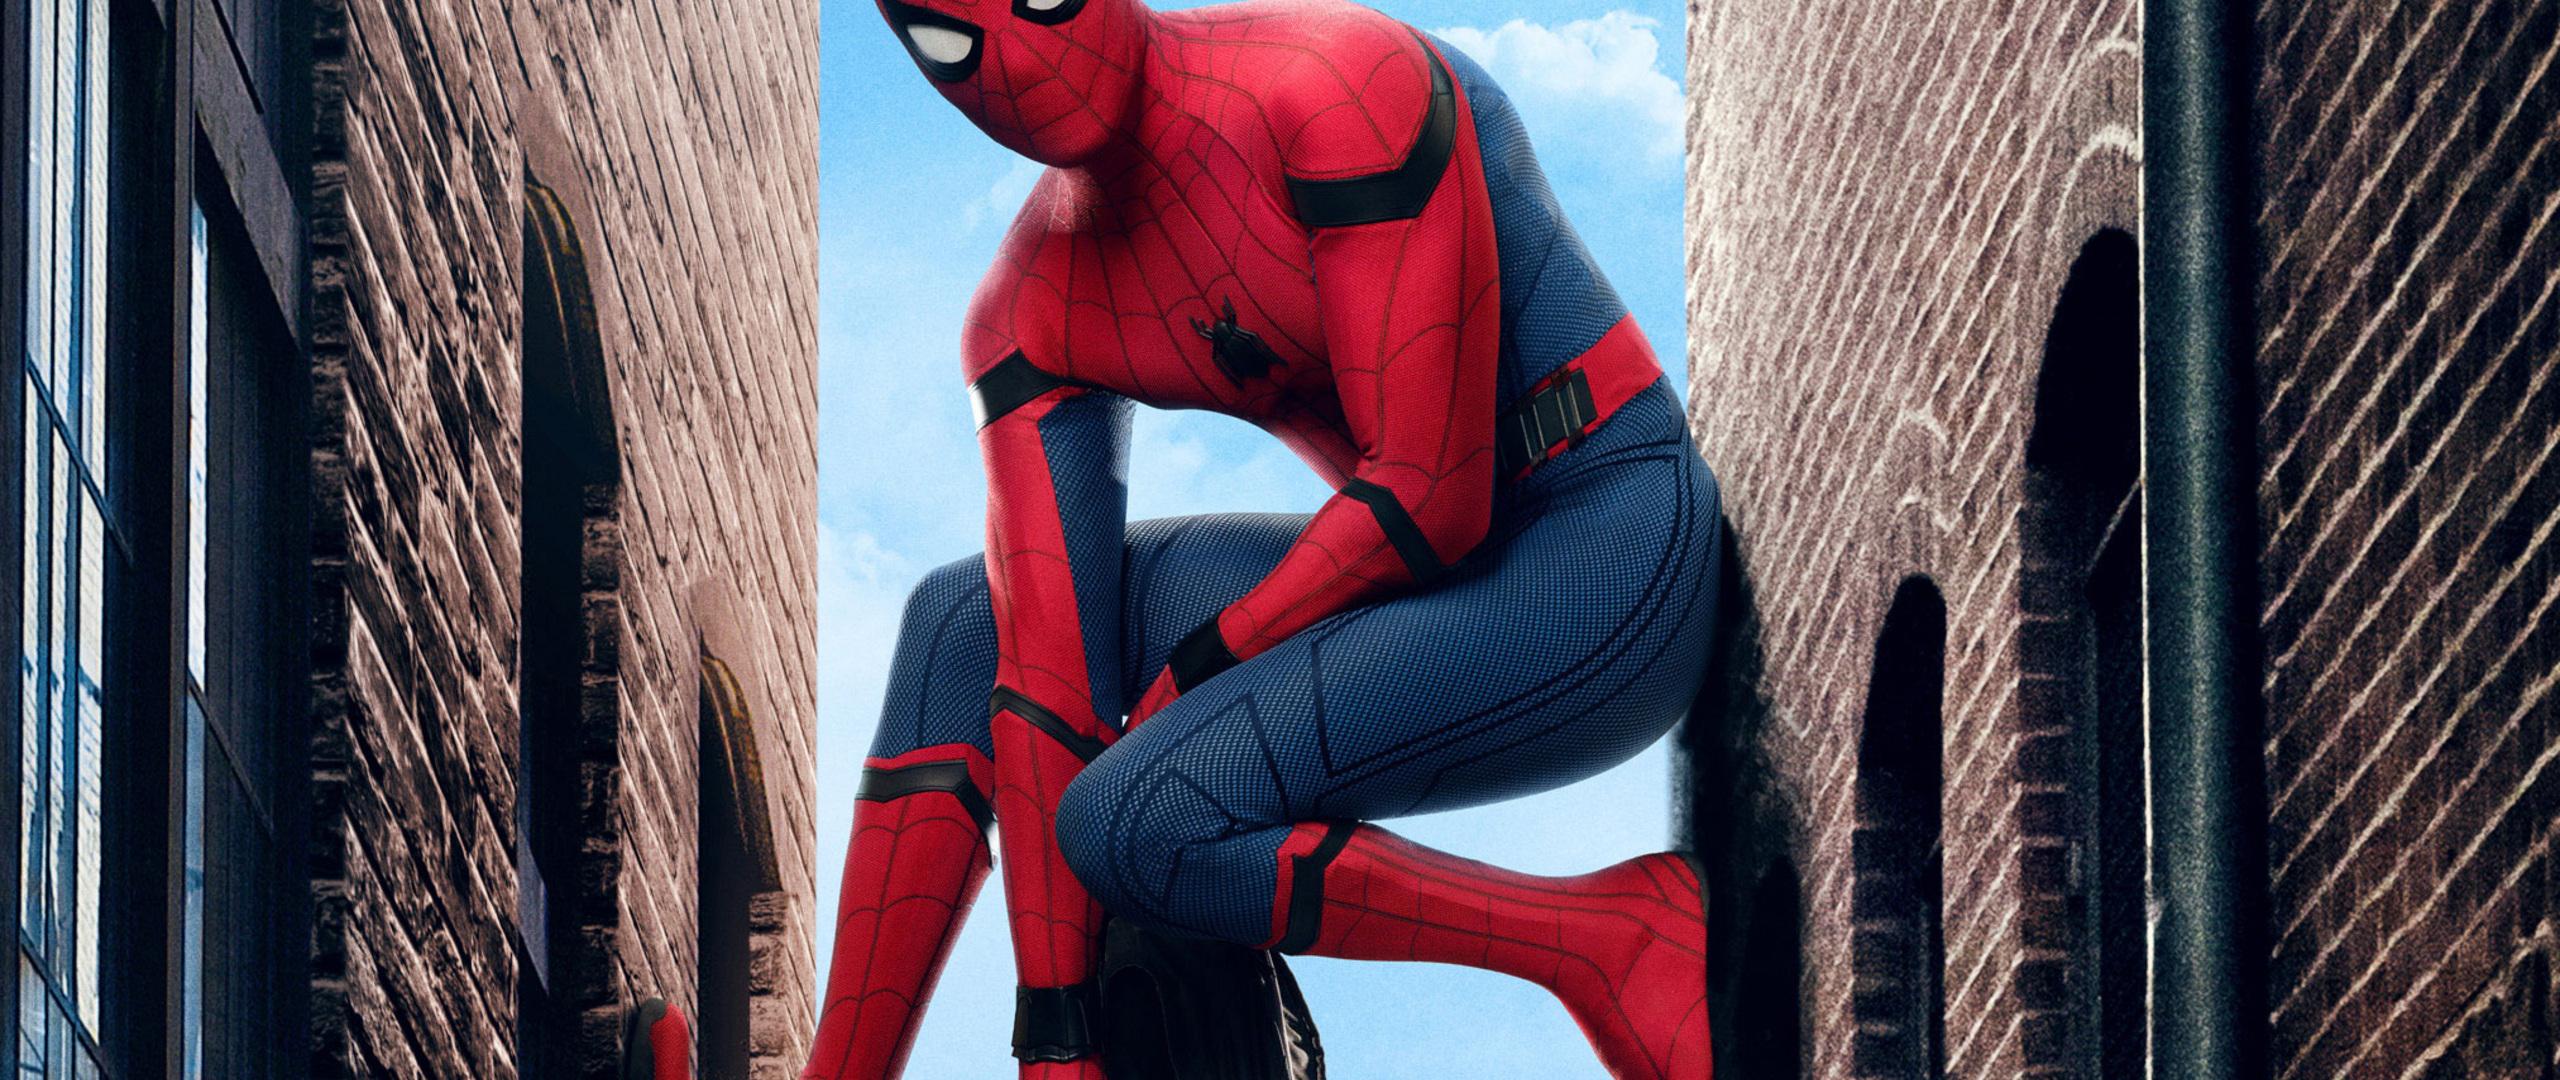 2560x1080 21:9 TV Marvel comics Wallpapers HD, Desktop Backgrounds ...